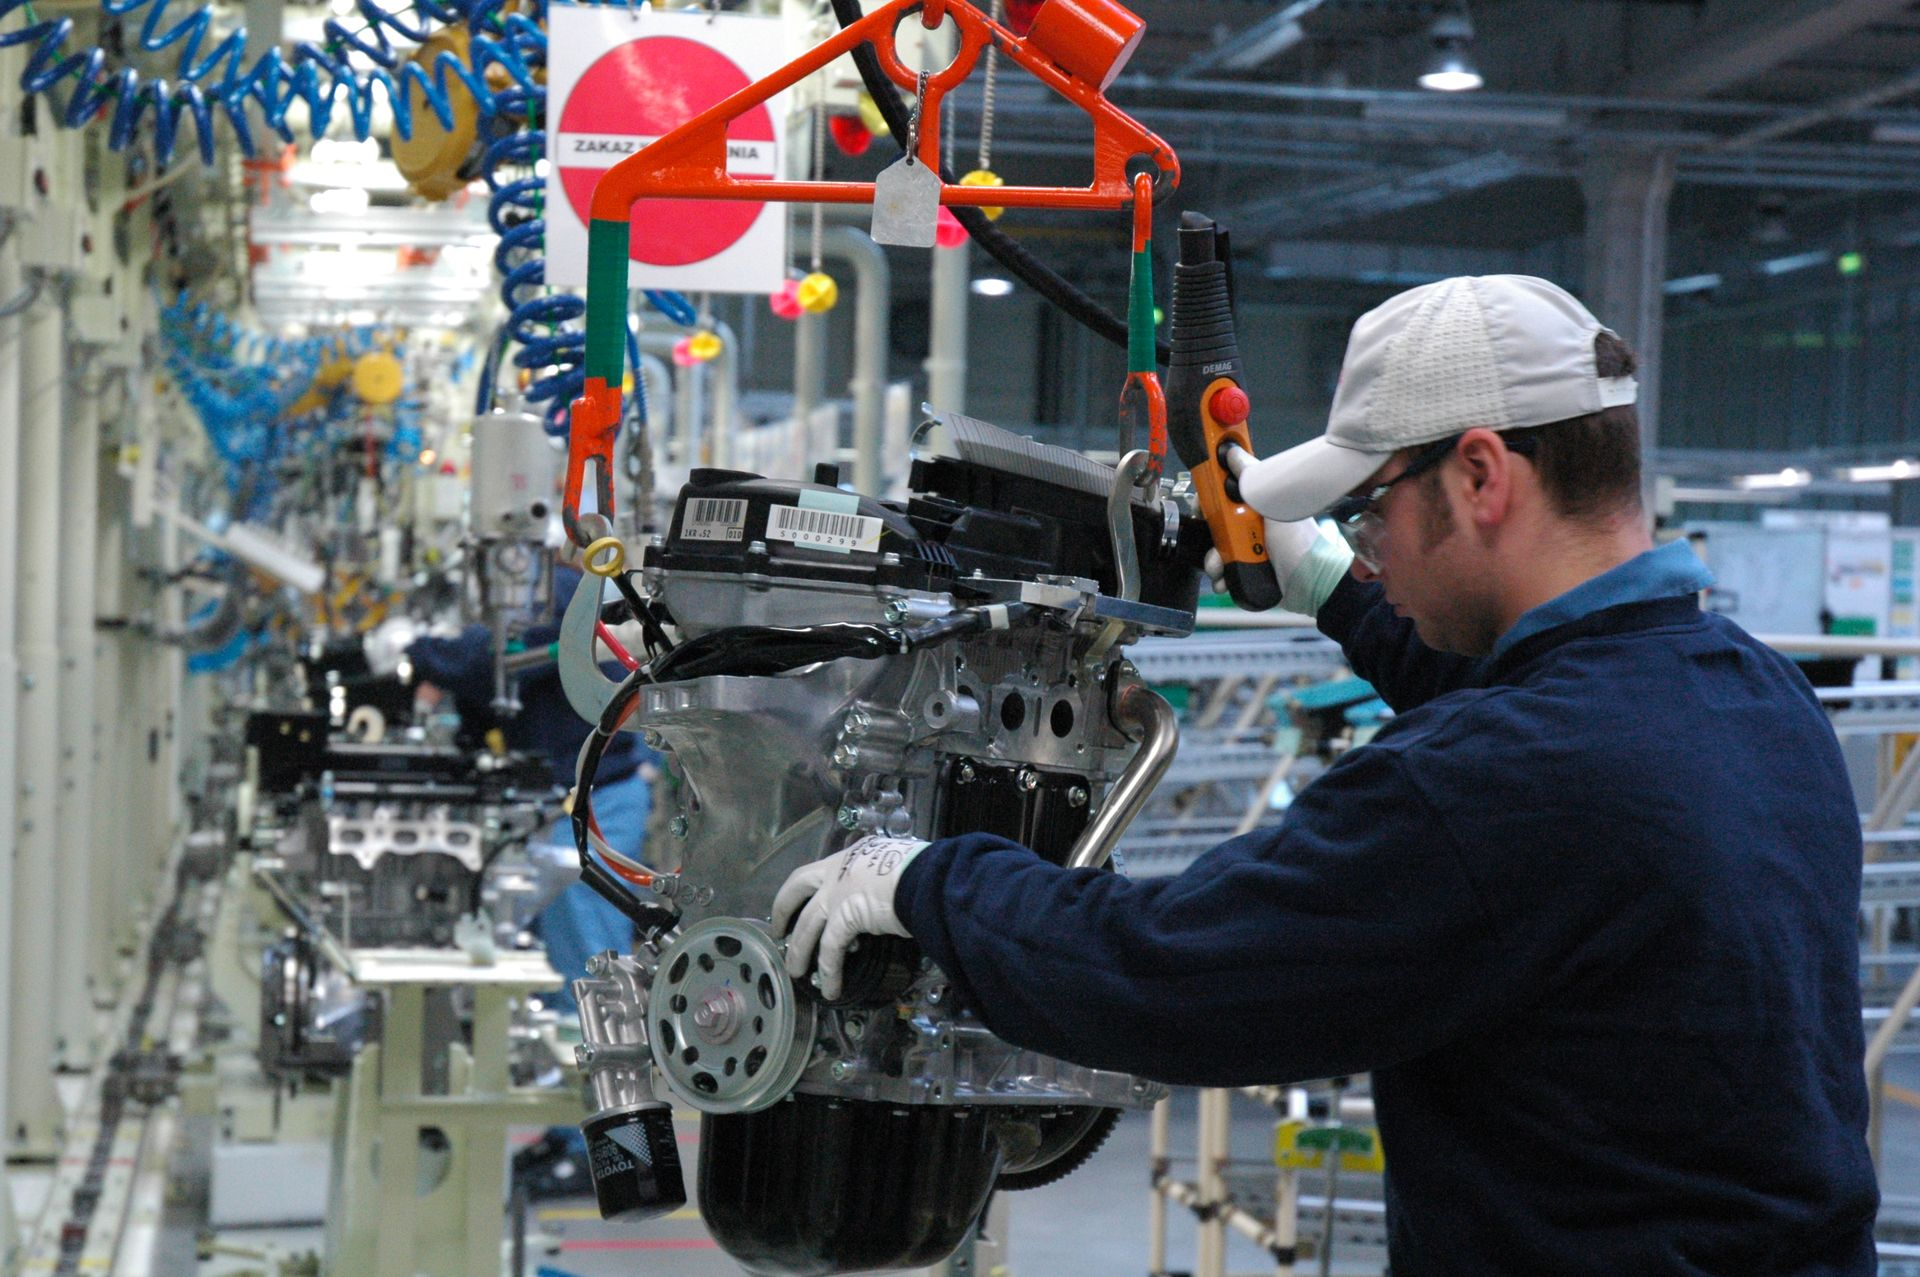 [Polska] Kto inwestuje w Specjalnych Strefach Ekonomicznych? [RAPORT]